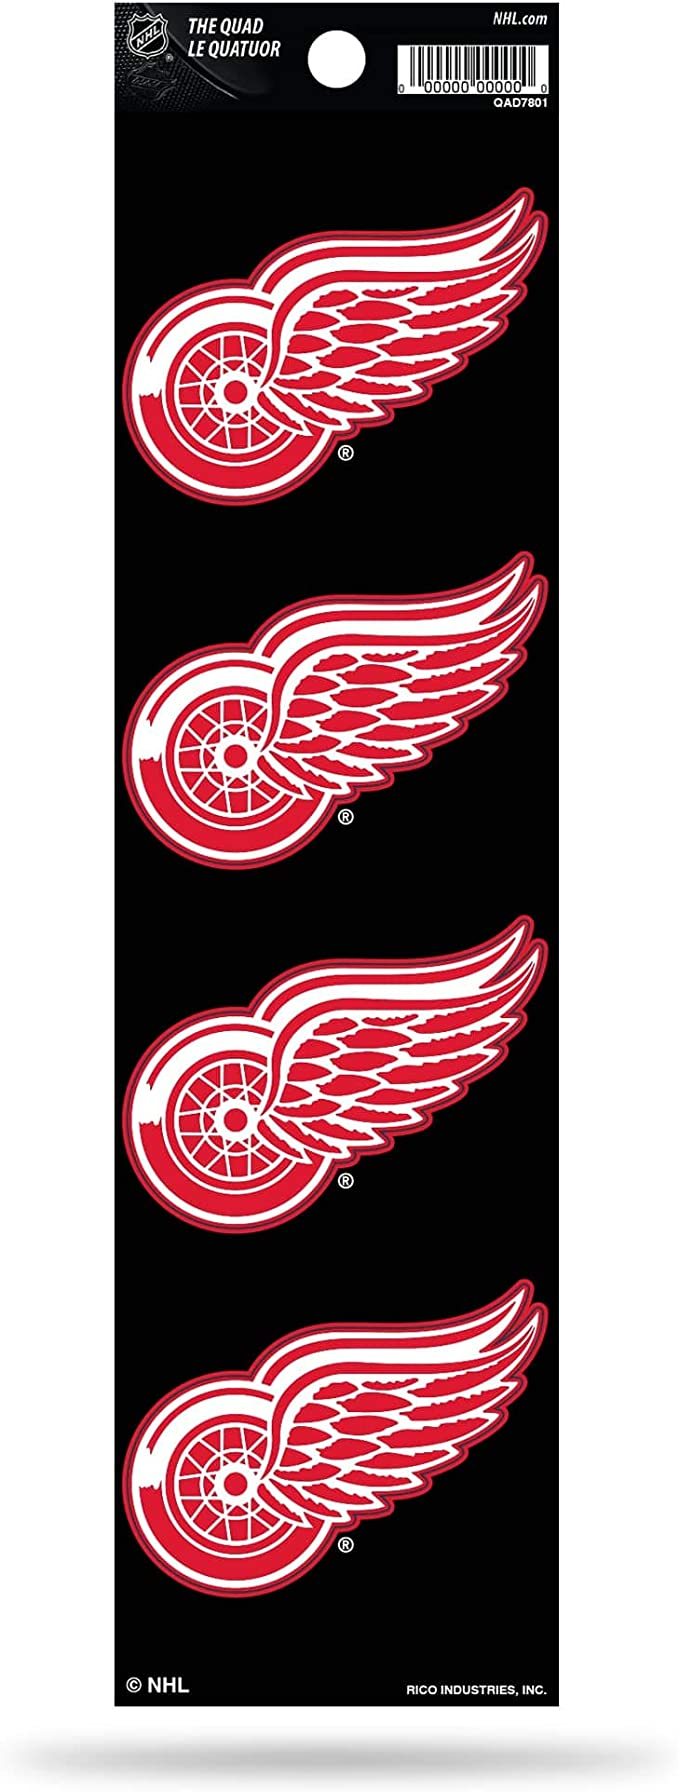 Nhl Rico Industries Die Cut 4 Piece The Quad Sticker Sheet Detroit Red Wings Sport Freizeit